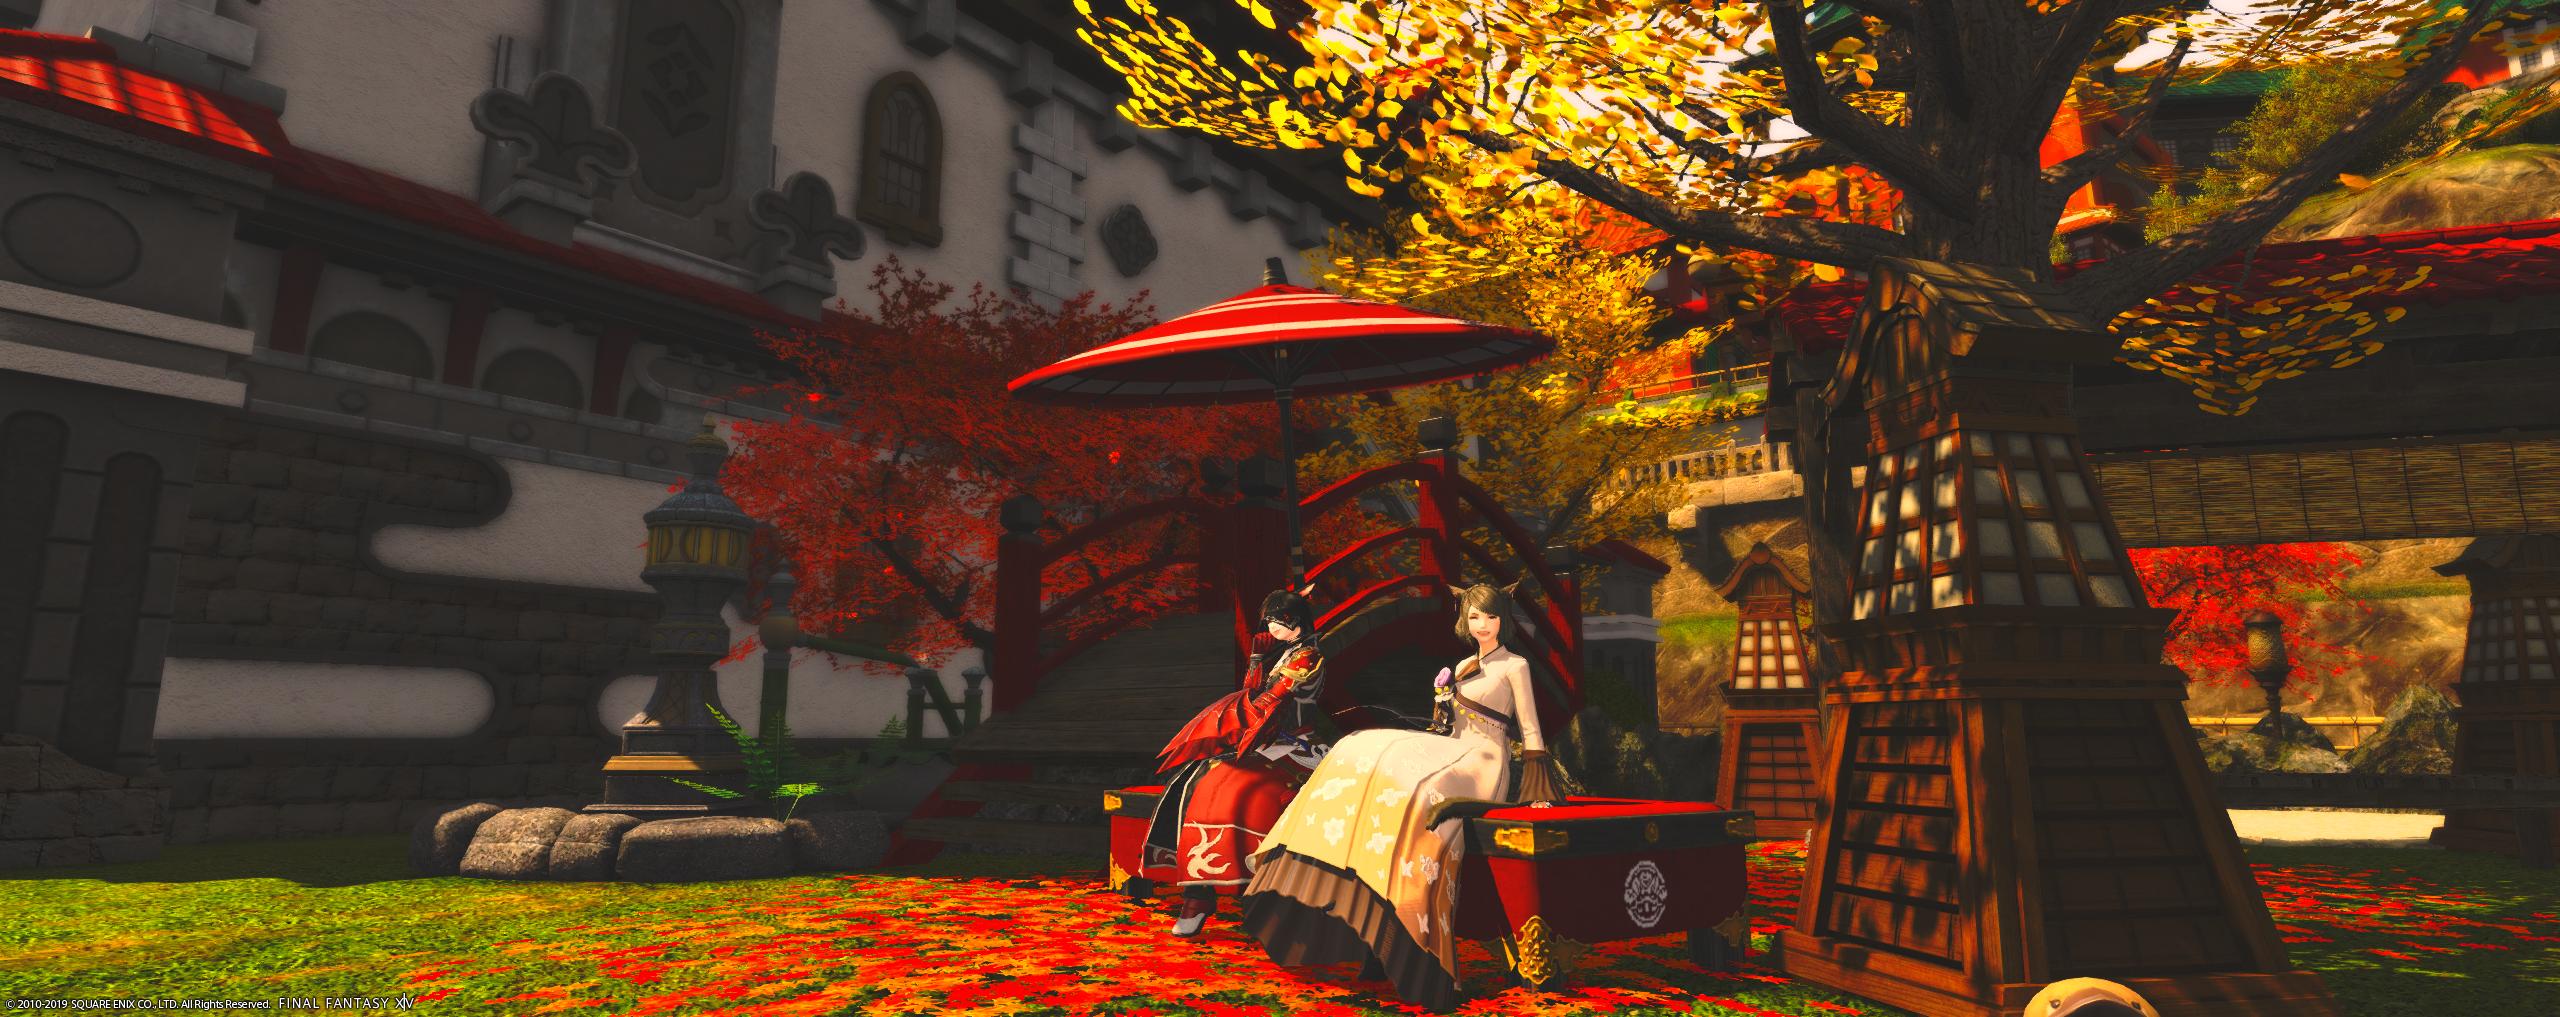 【ハウジング】秋の庭園を造りました